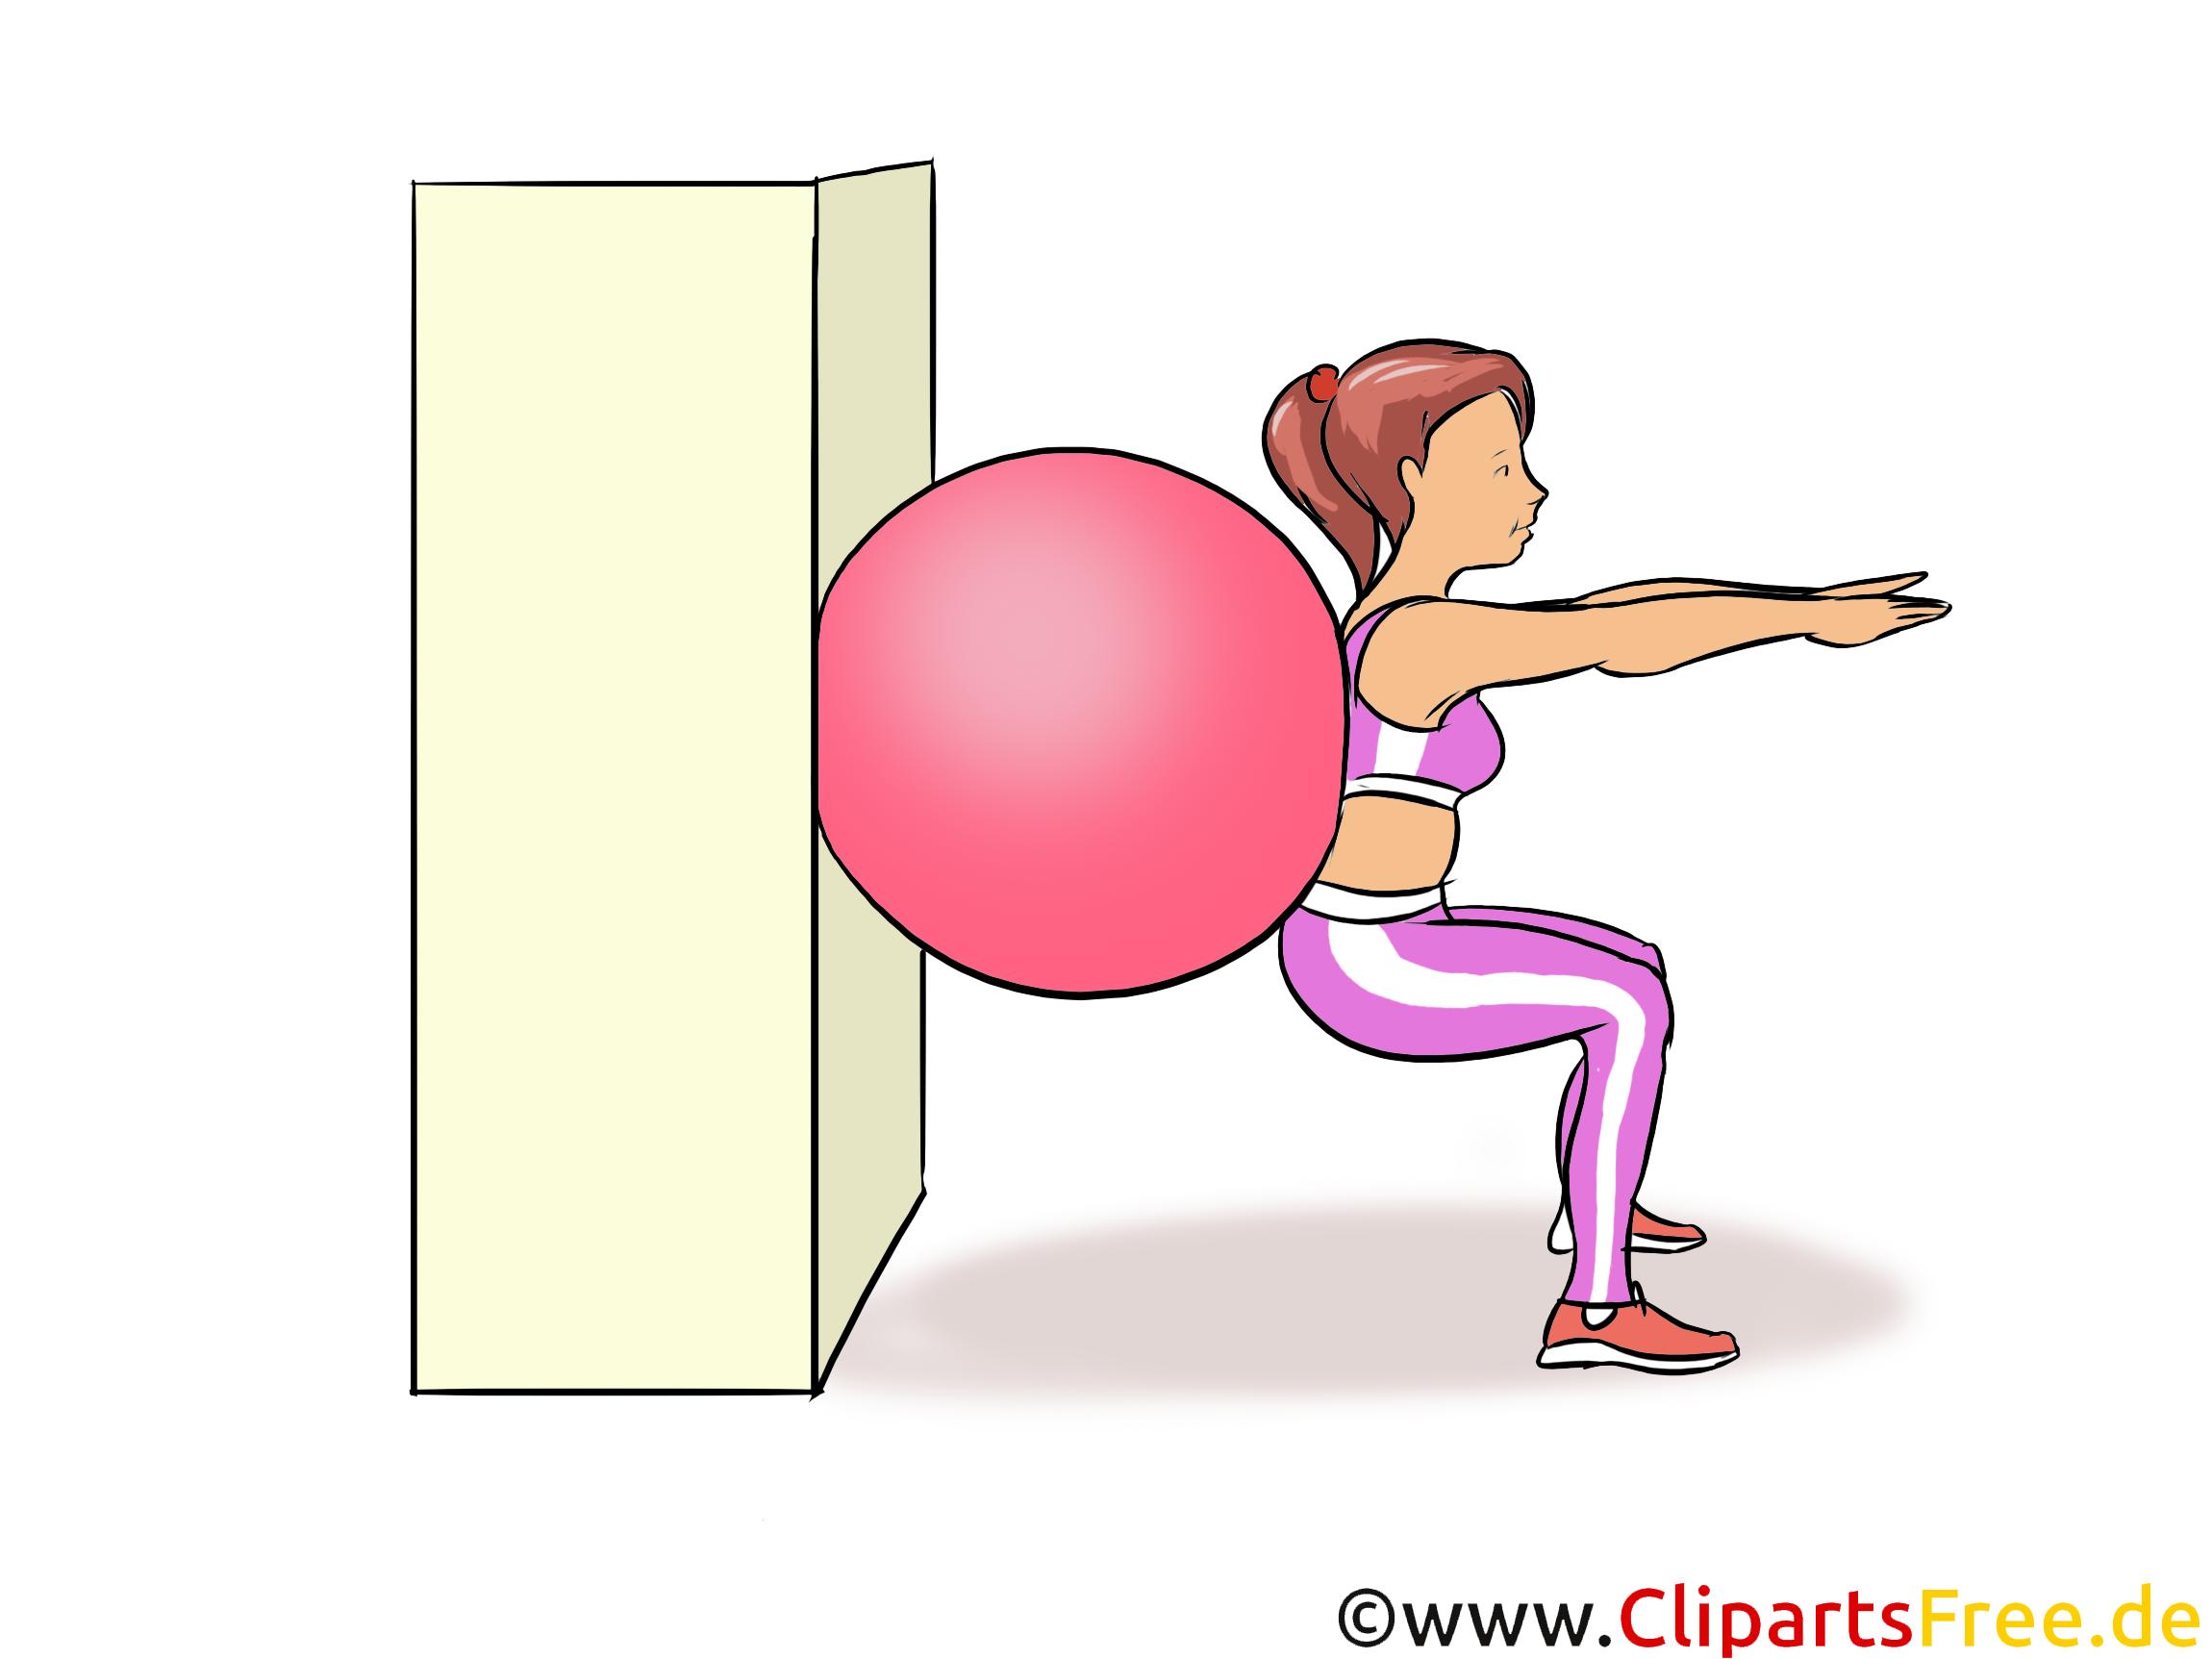 Junge Frau macht Sportübungen mit Ball Illustration, Zeichnung, Bild